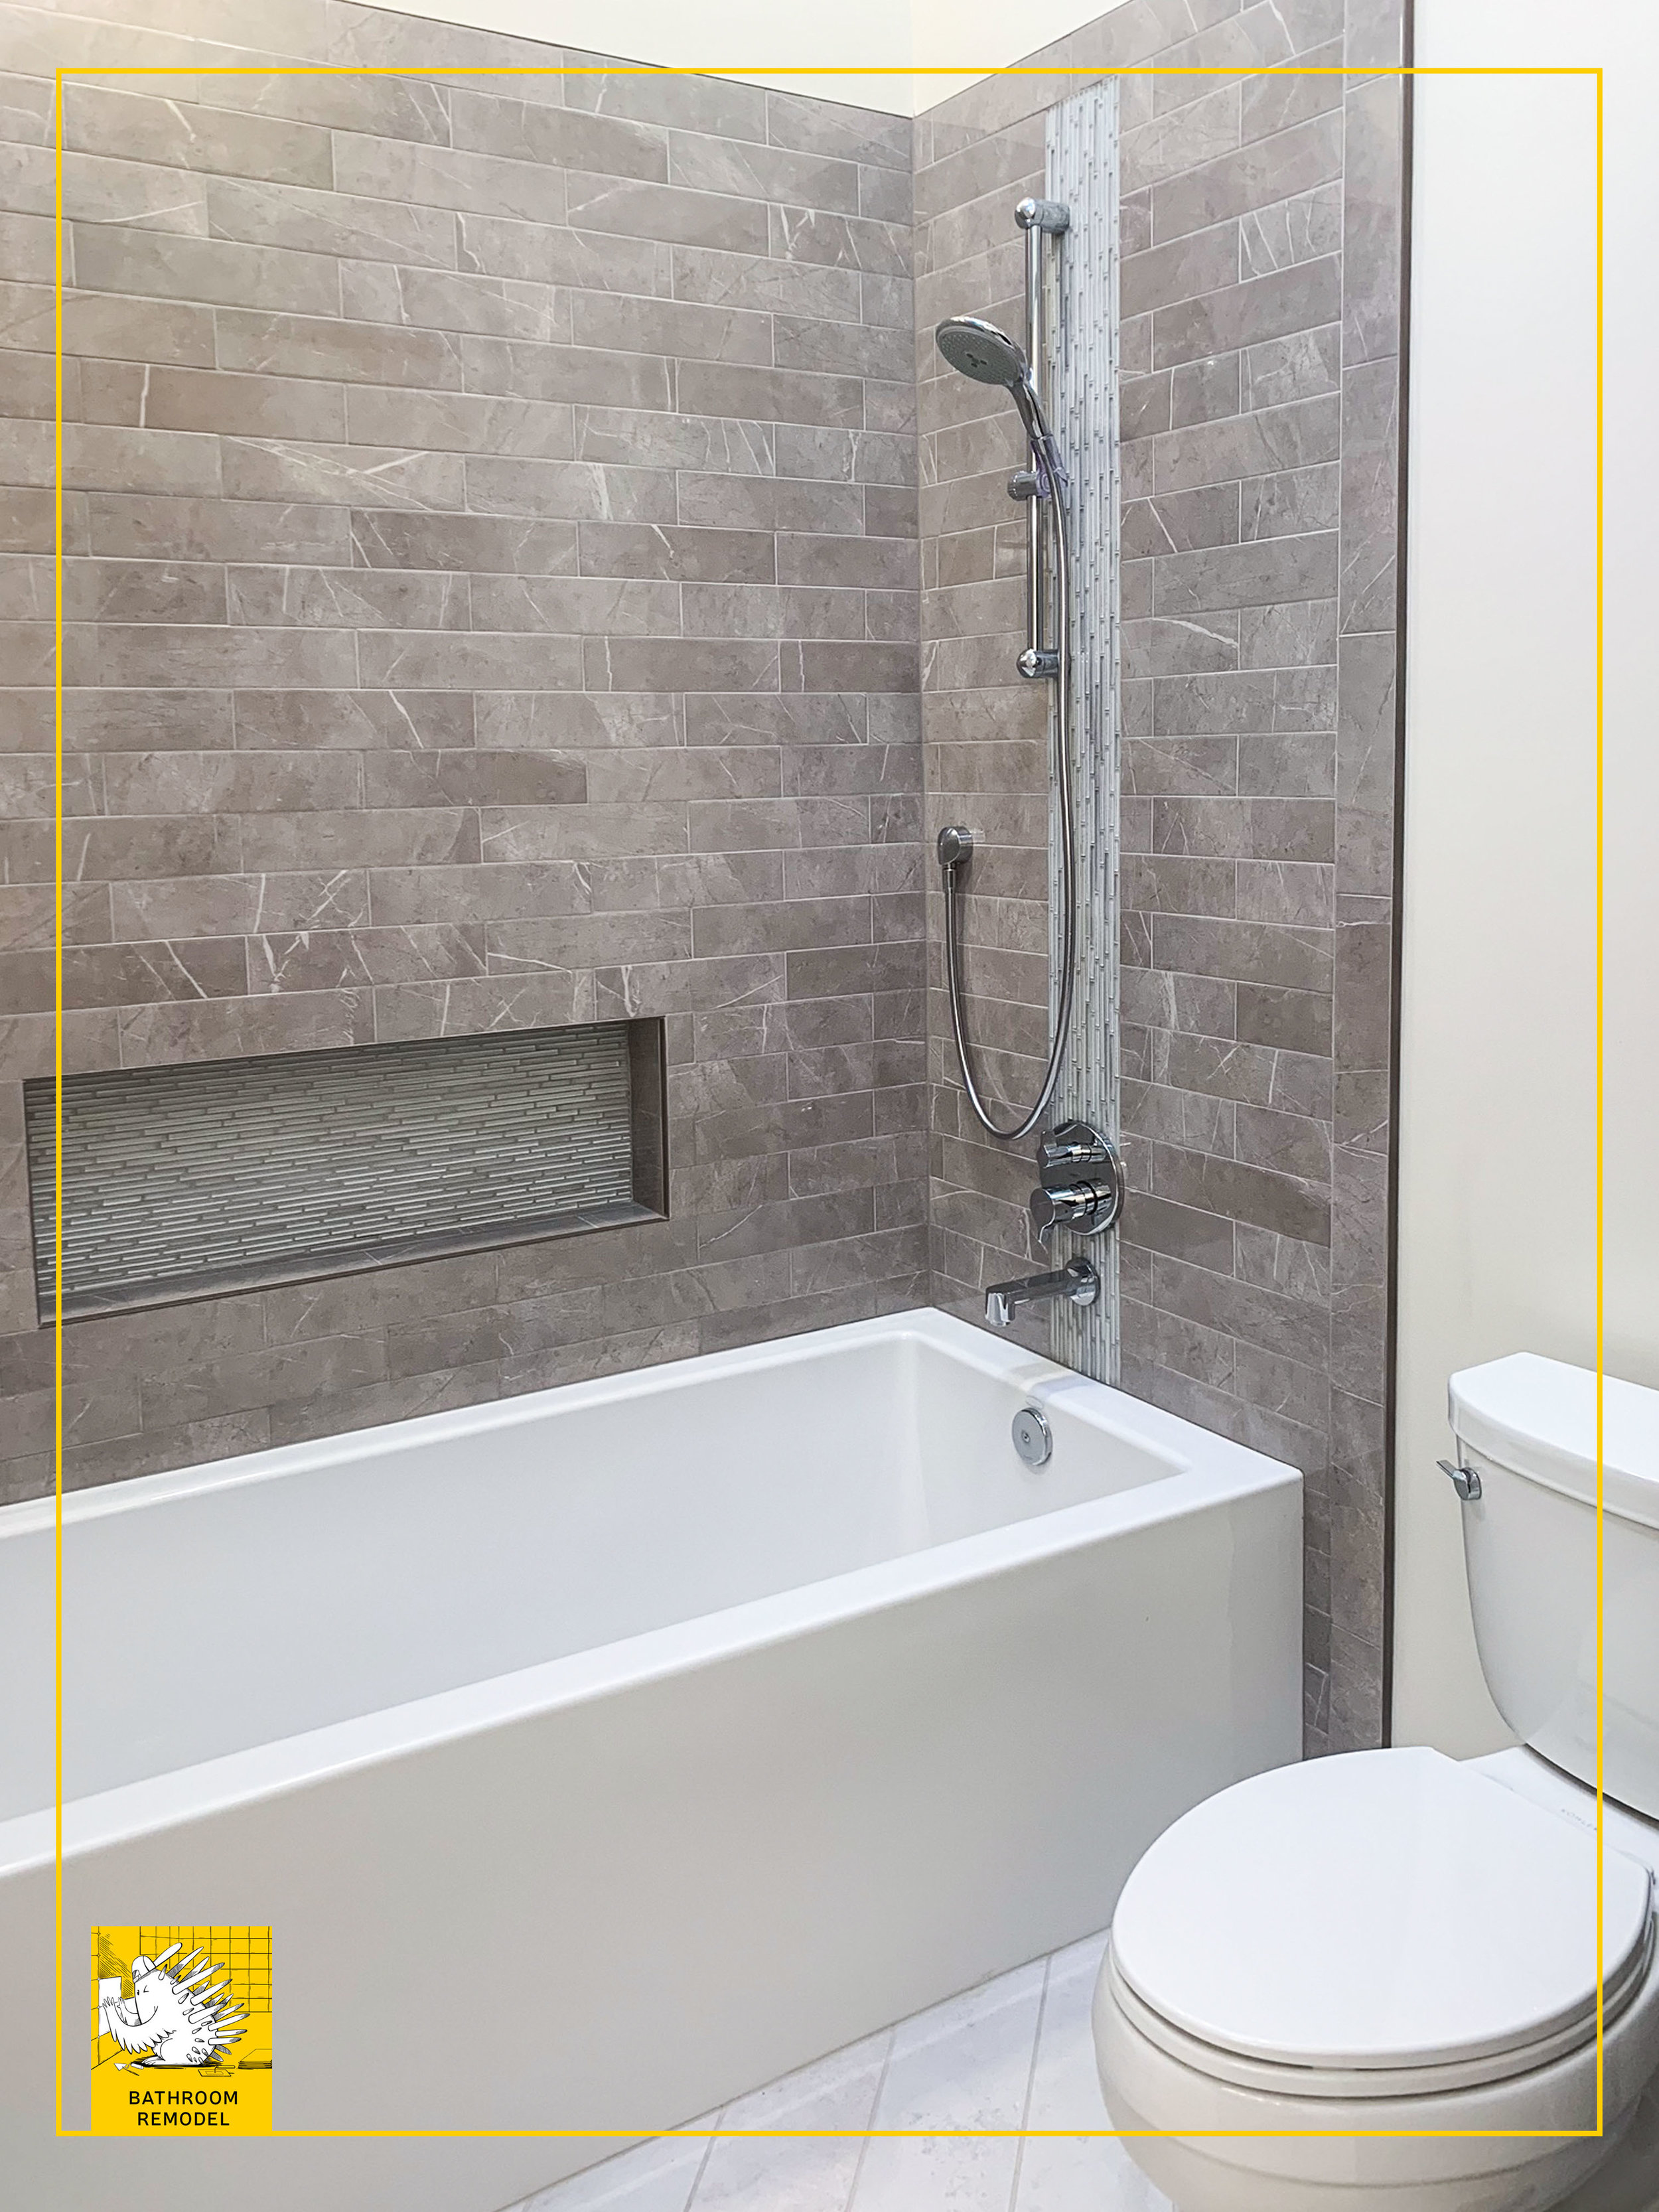 MT 2 bathroom remodel 10.jpg